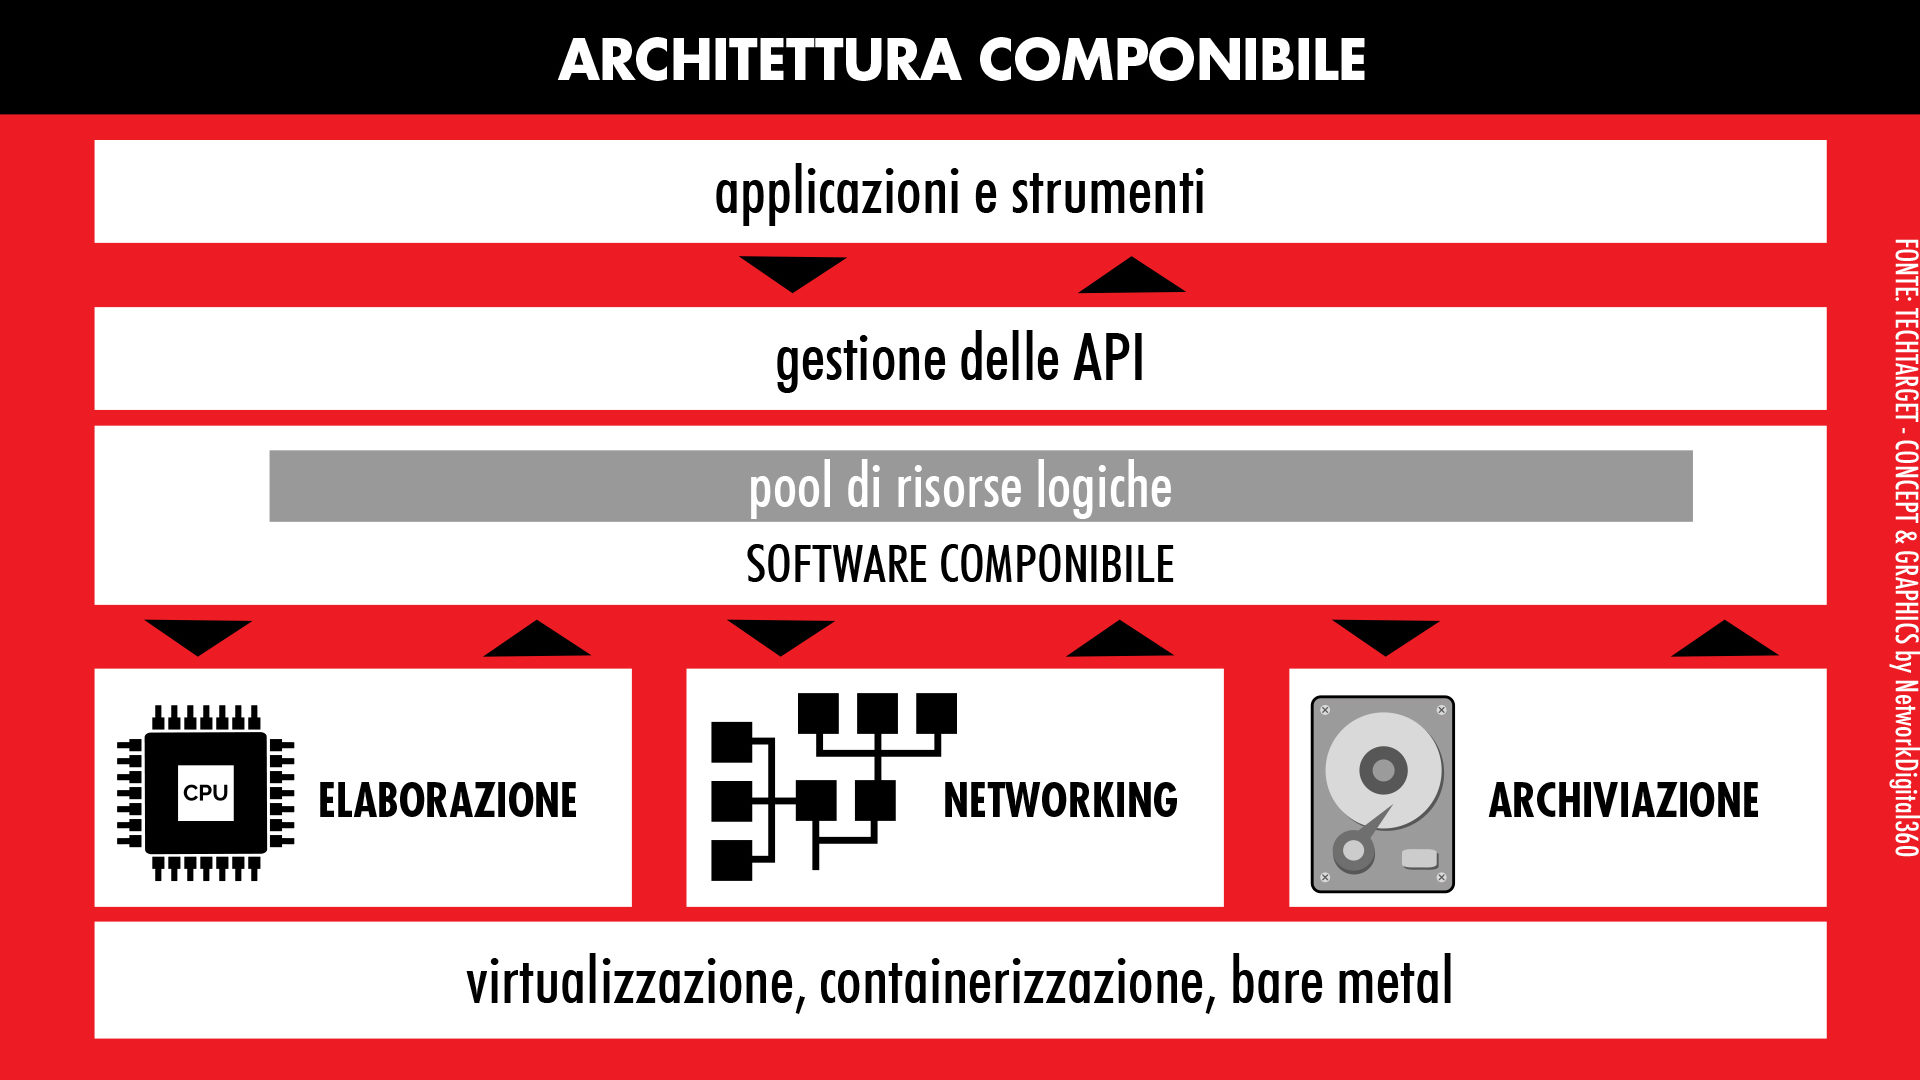 architettura componibile schema